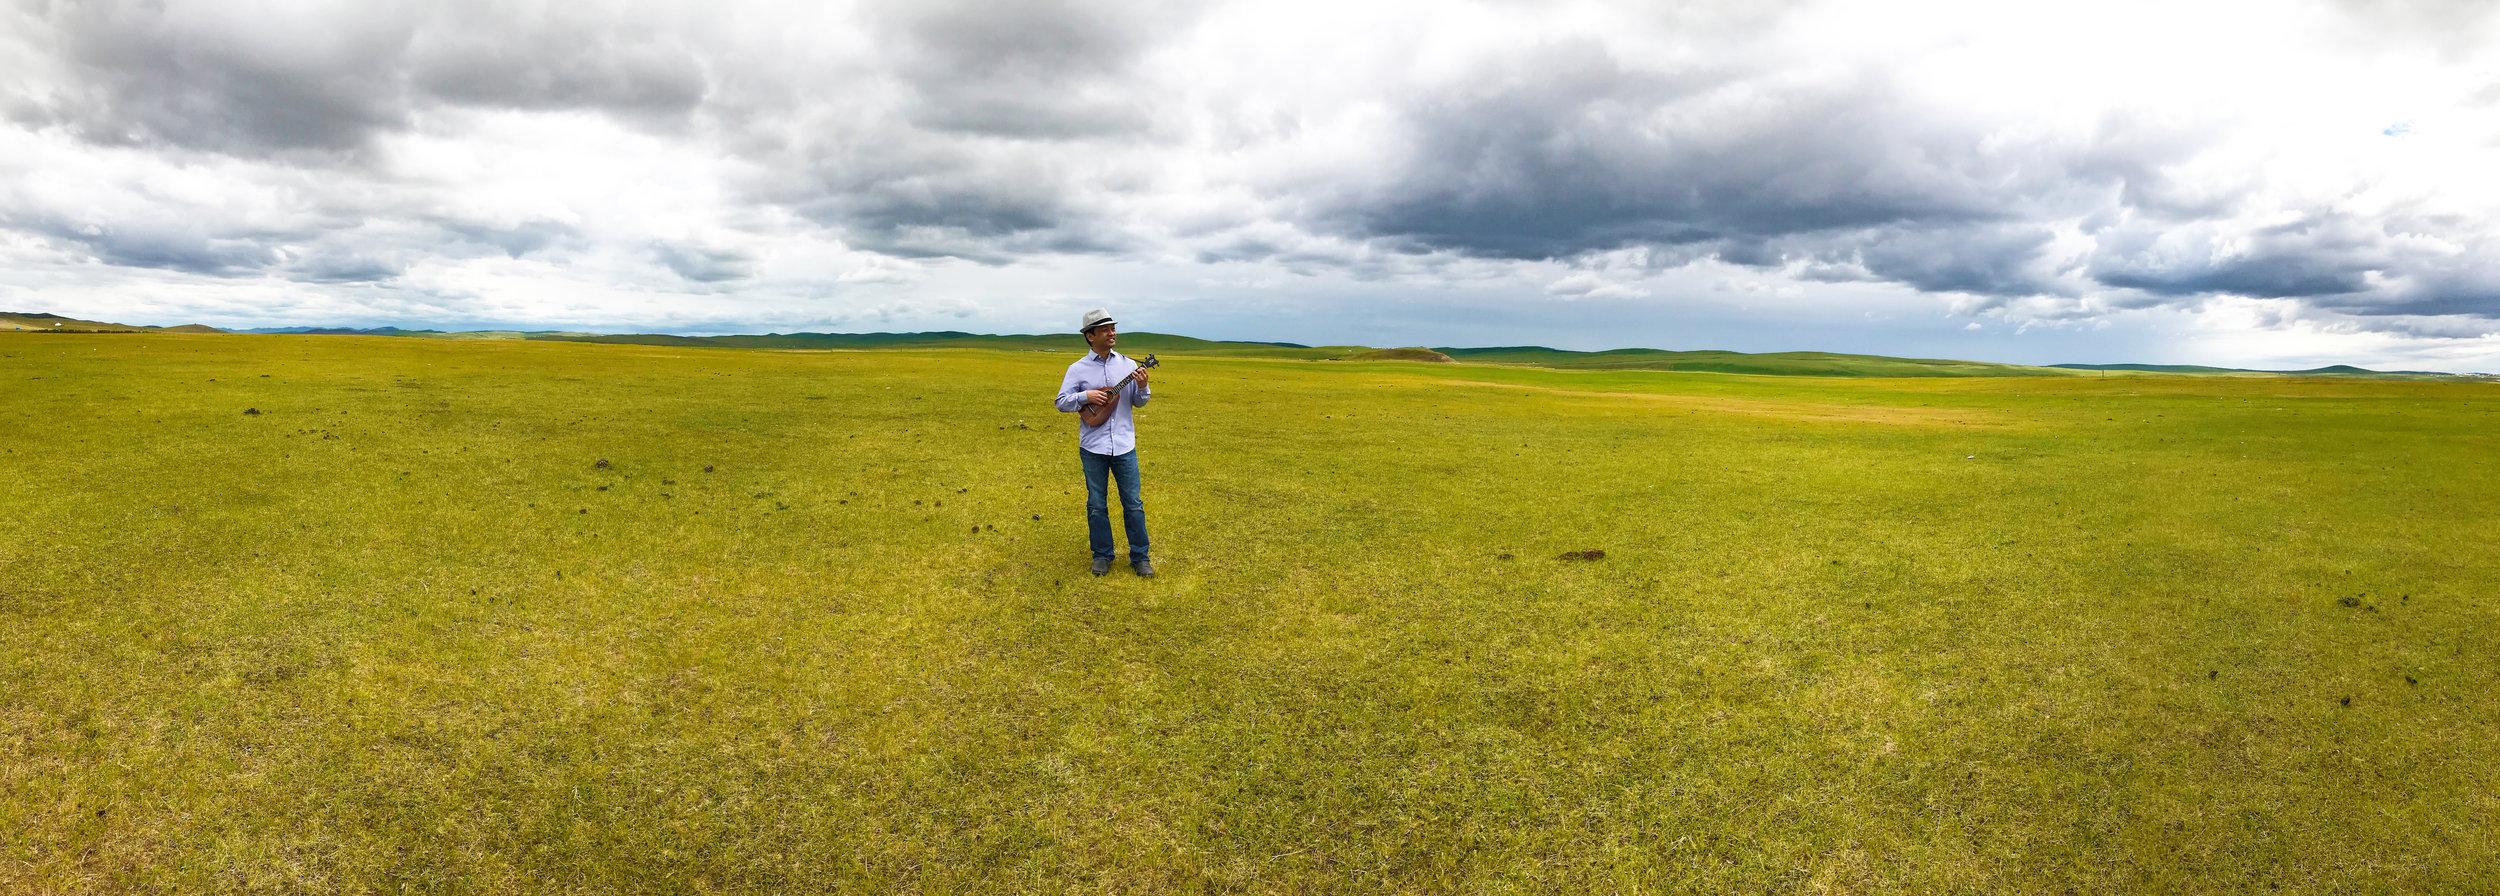 Daniel in Mongolia